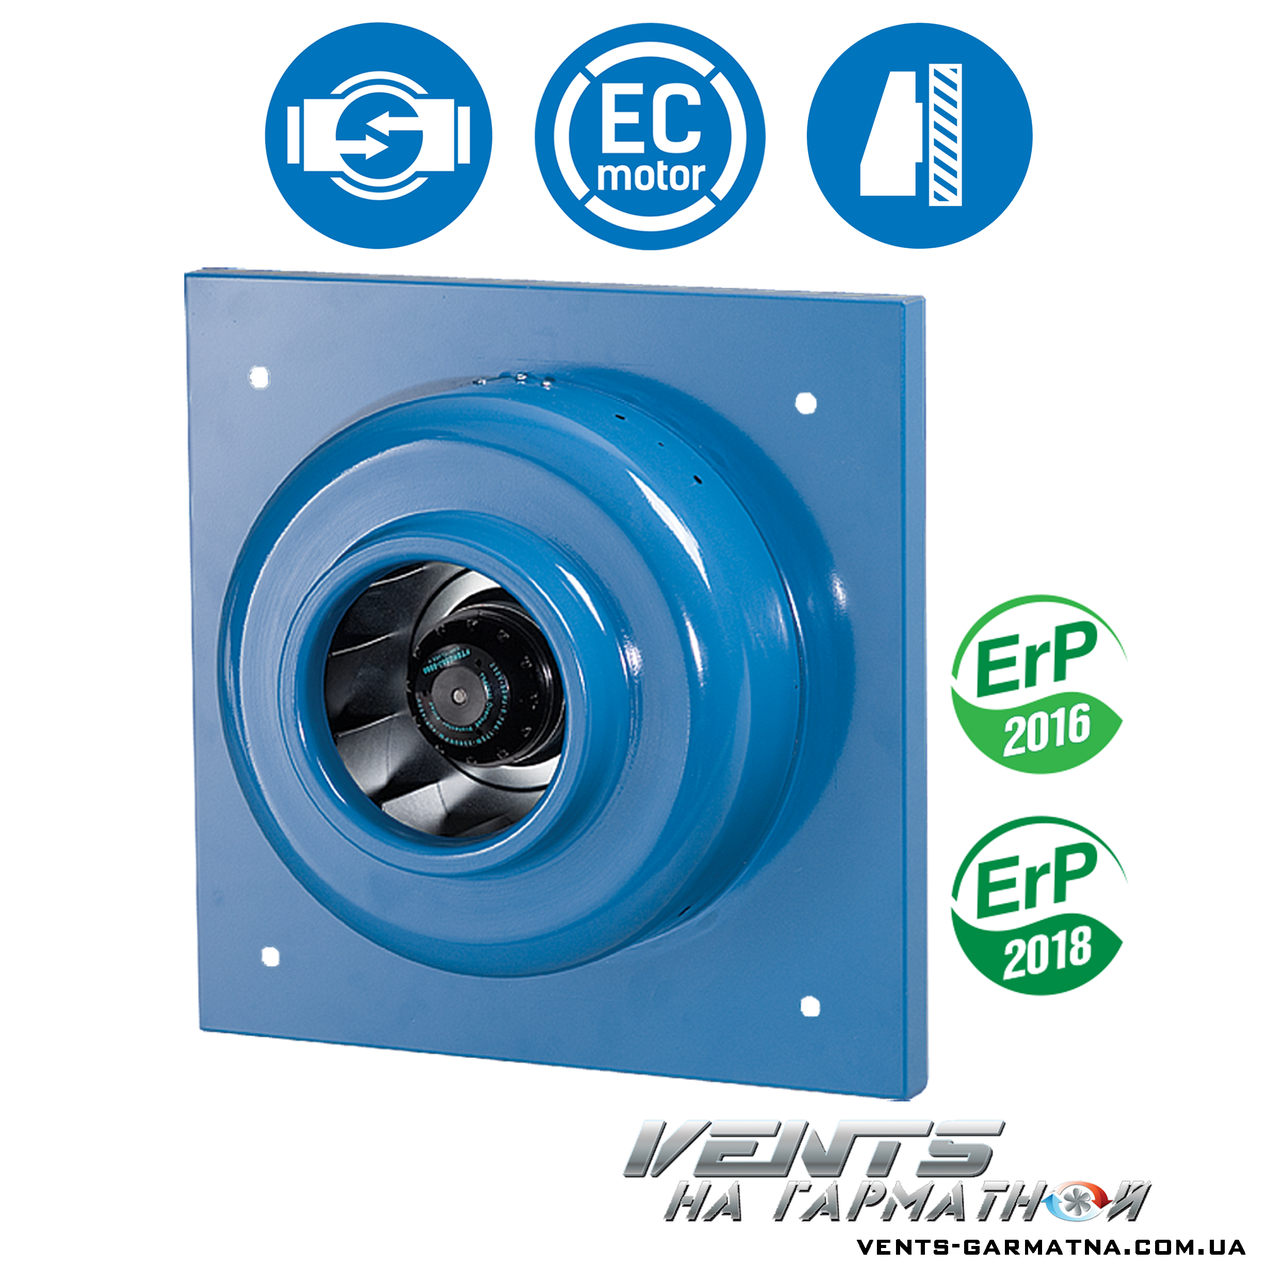 Вентс ВЦ-(ПК/ПН/ВК/ВН) 250 Б. Канальный центробежный вентилятор